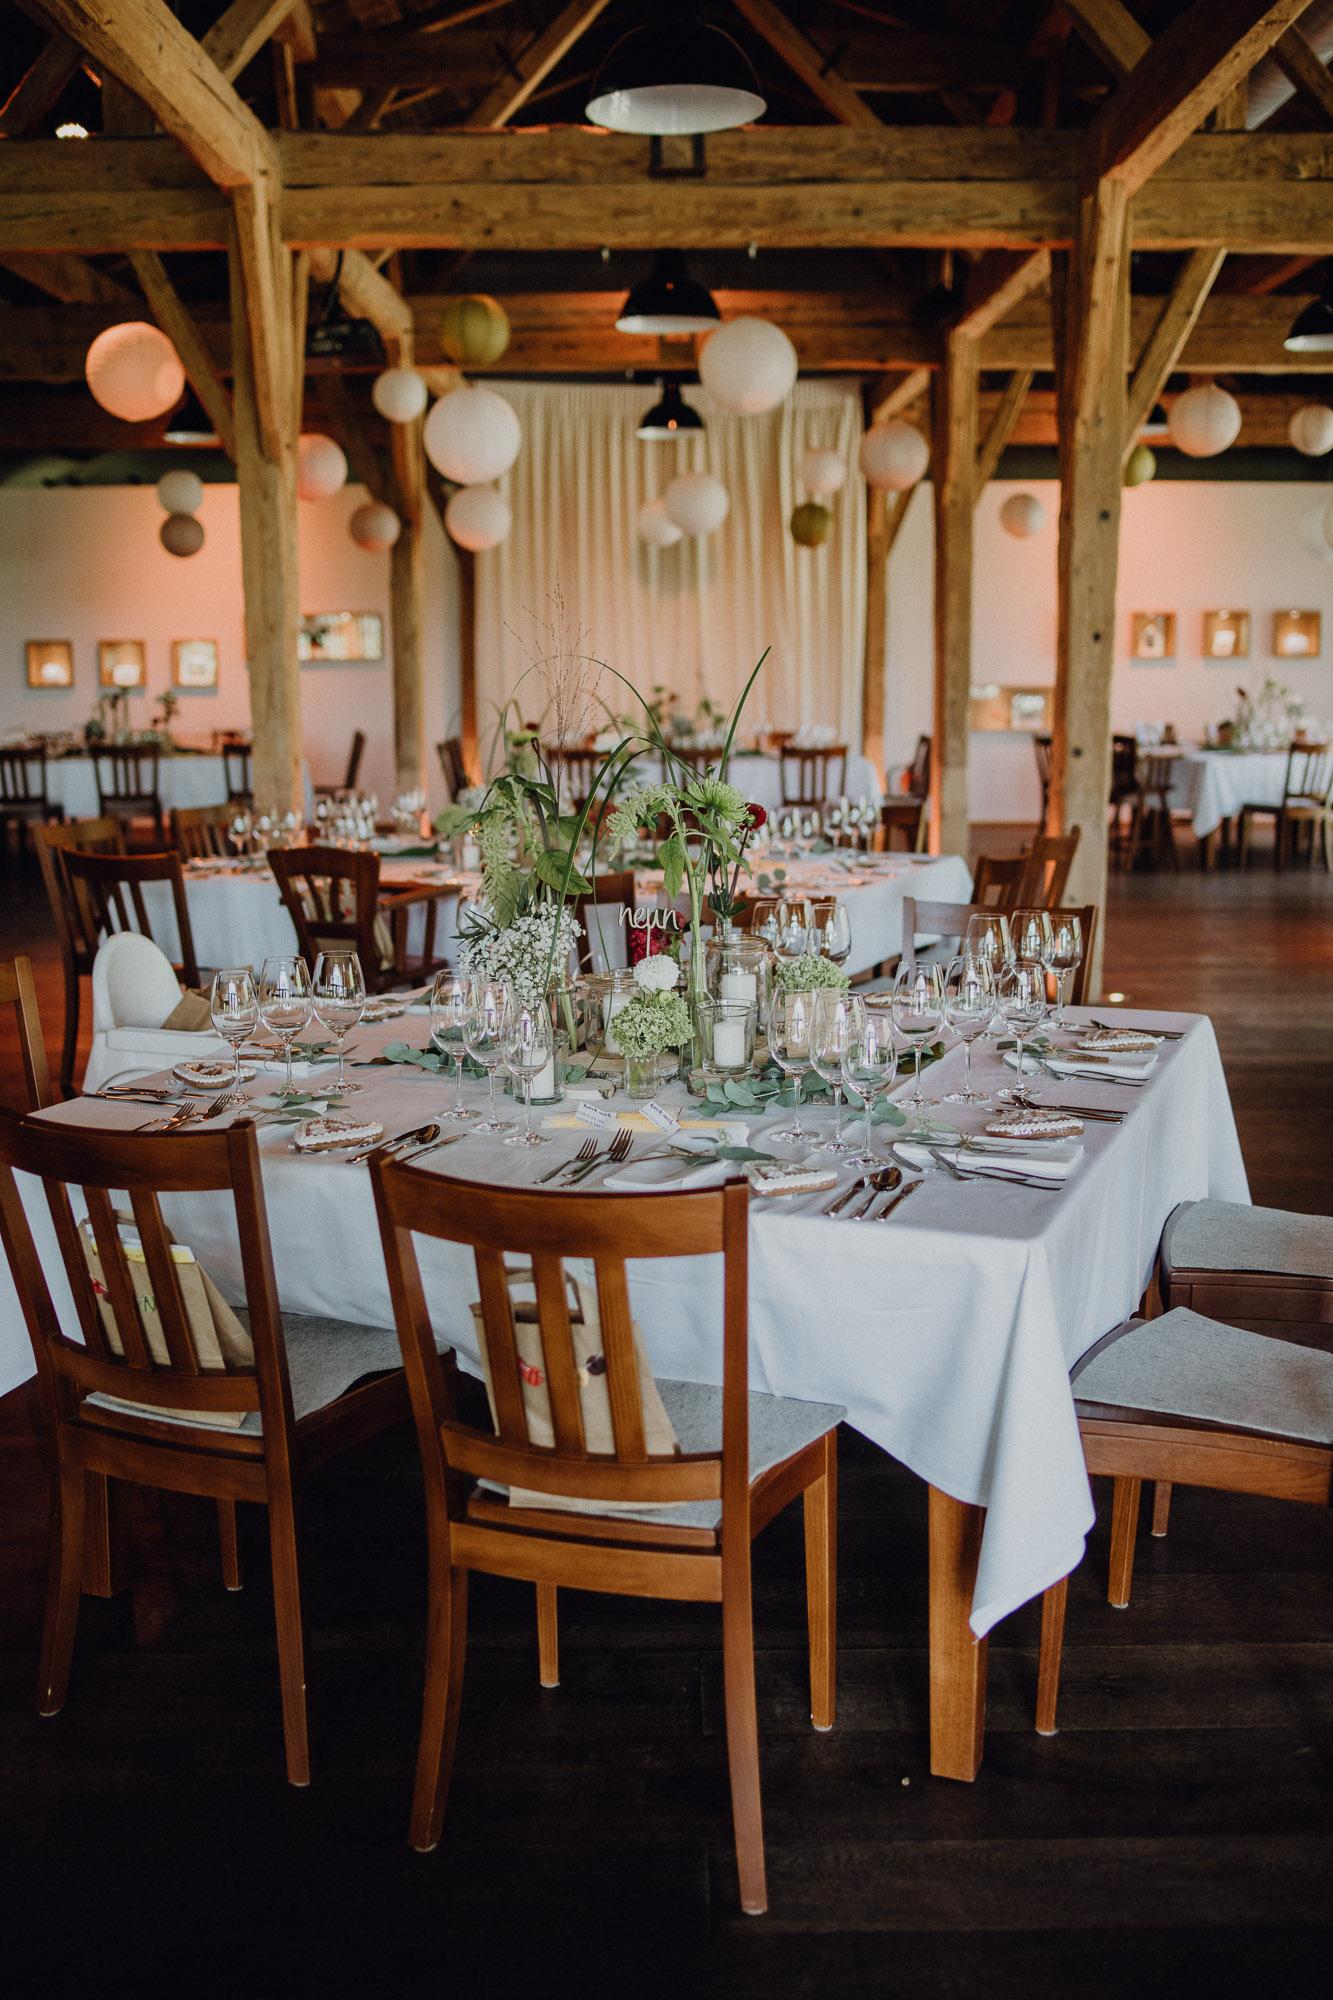 Tischdekoration rustikal für Hochzeit in Rot und Grün